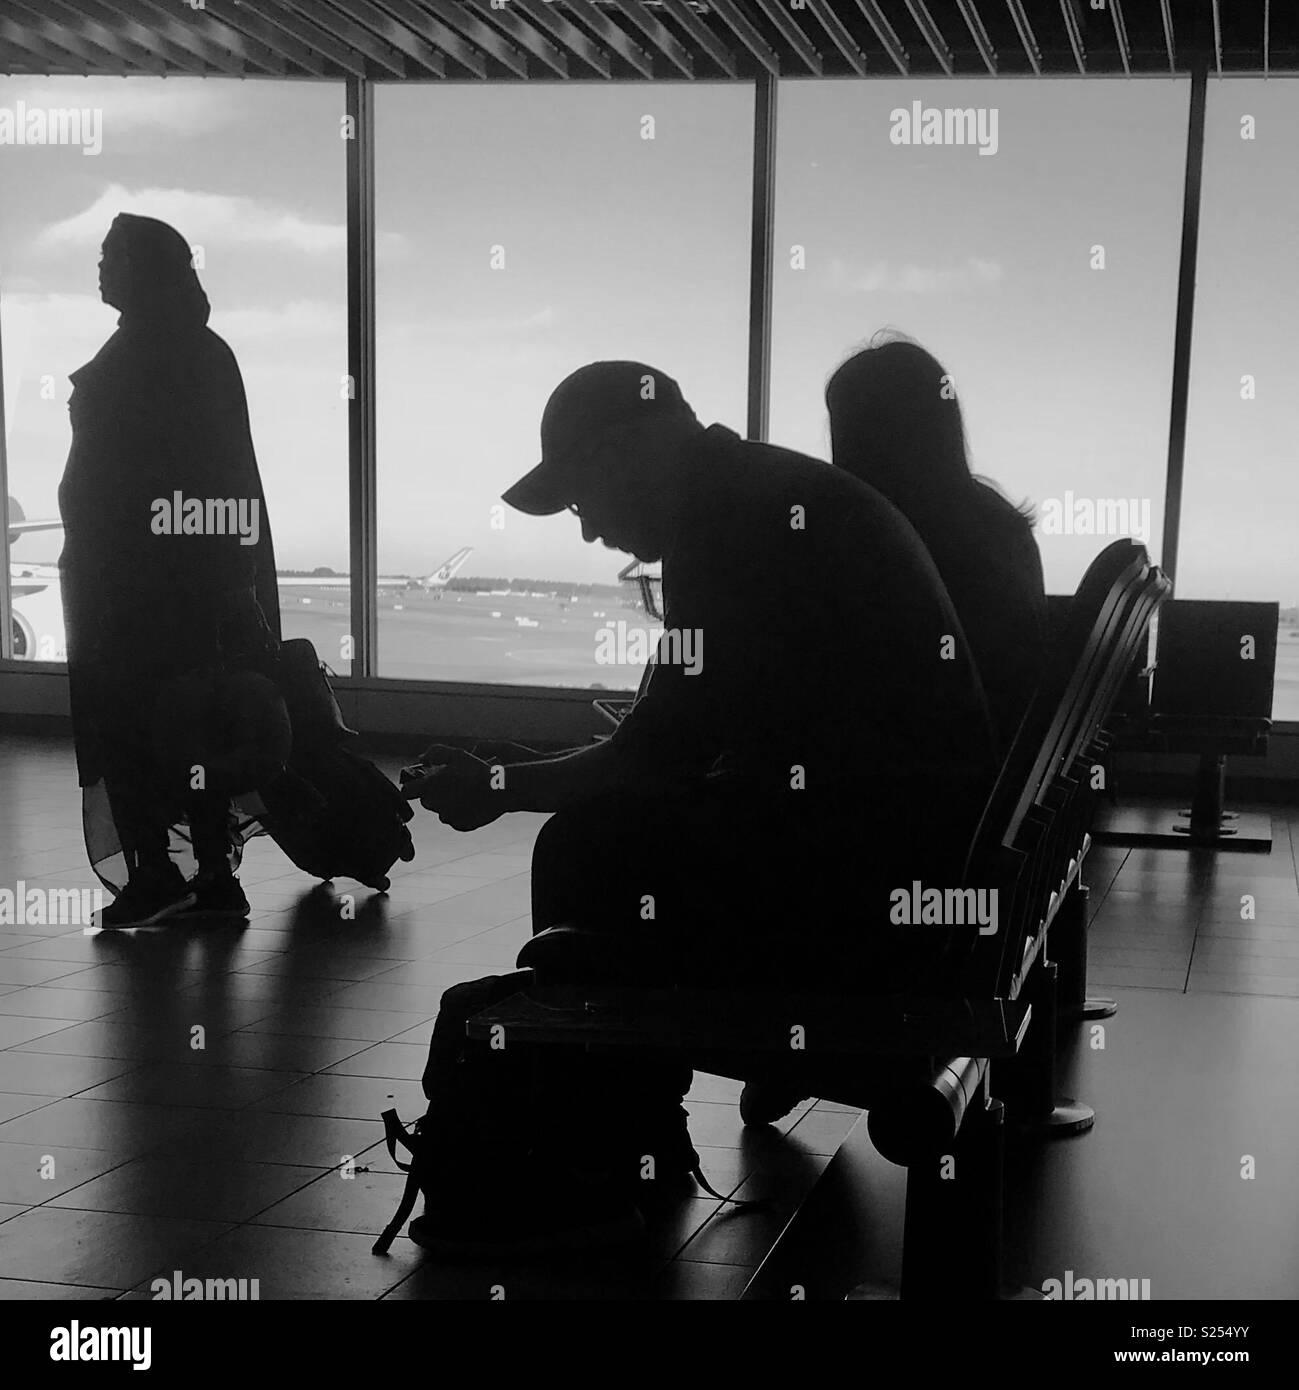 Esperando un avión reúne todo tipo no que normalmente nunca se encuentran. Foto de stock